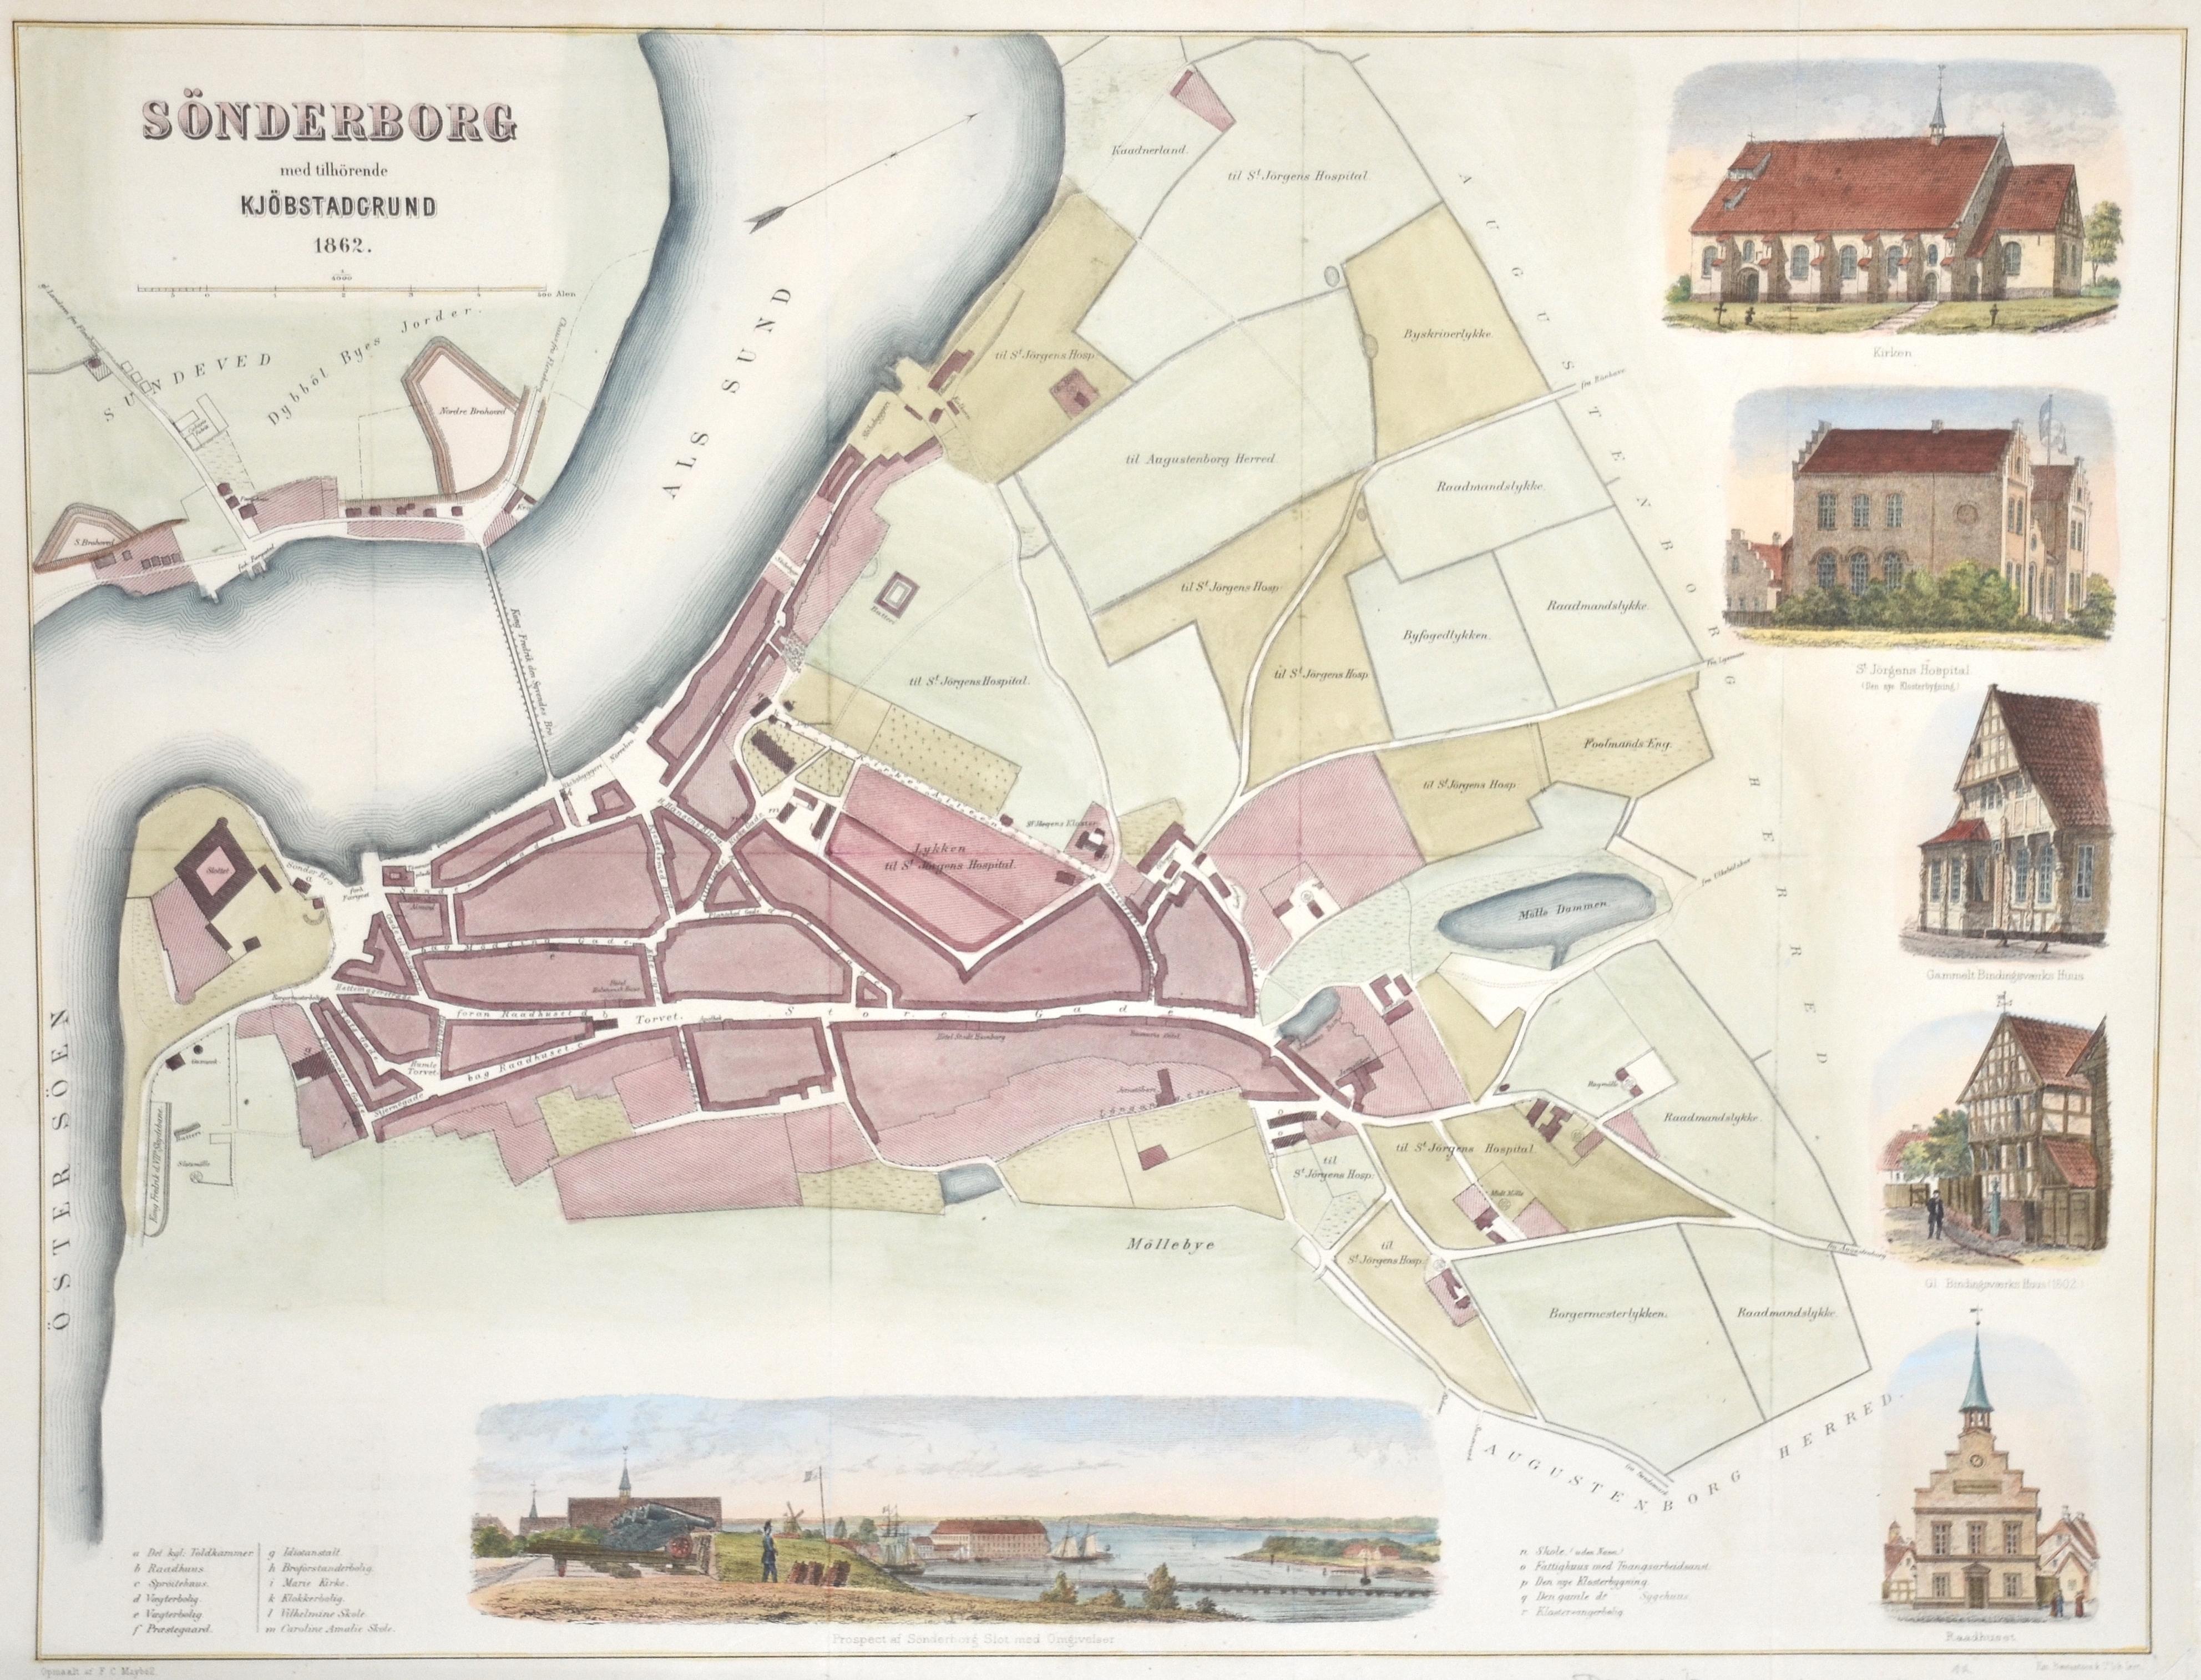 Basrentzen  Sönderborg med tilhörende Kjöbstadgrund 1862.